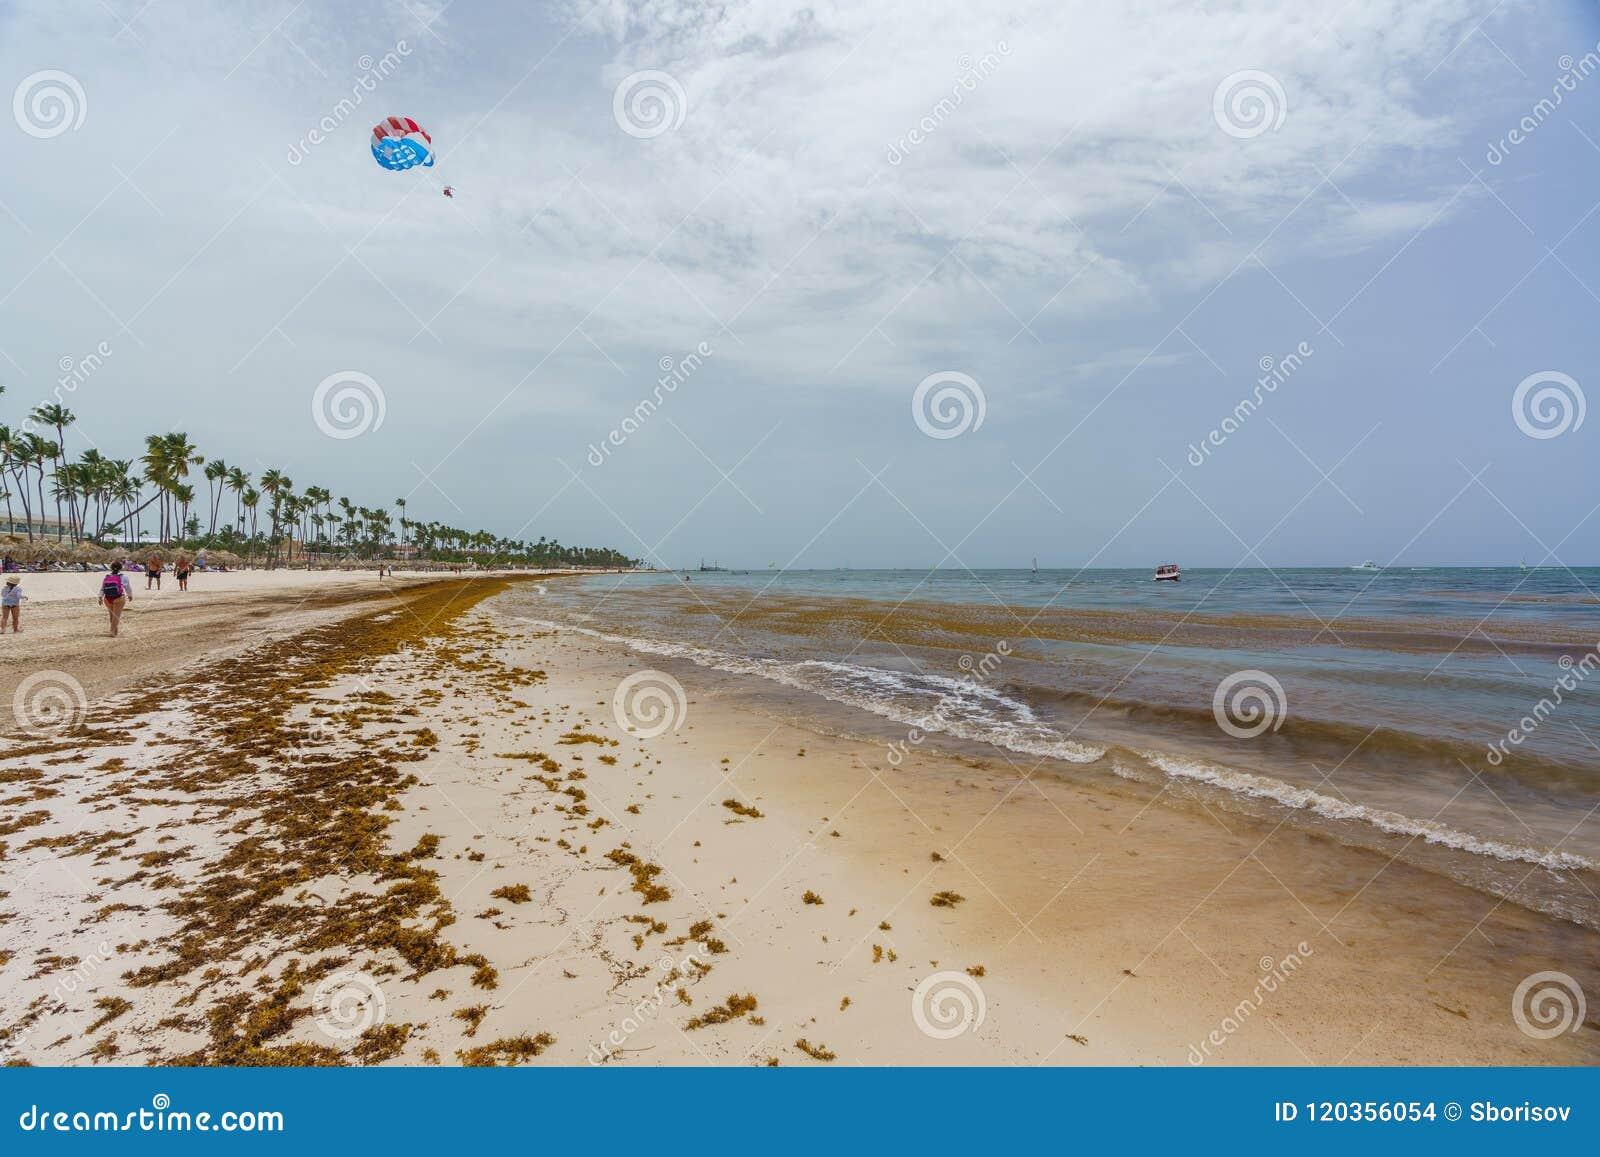 république dominicaine en juin